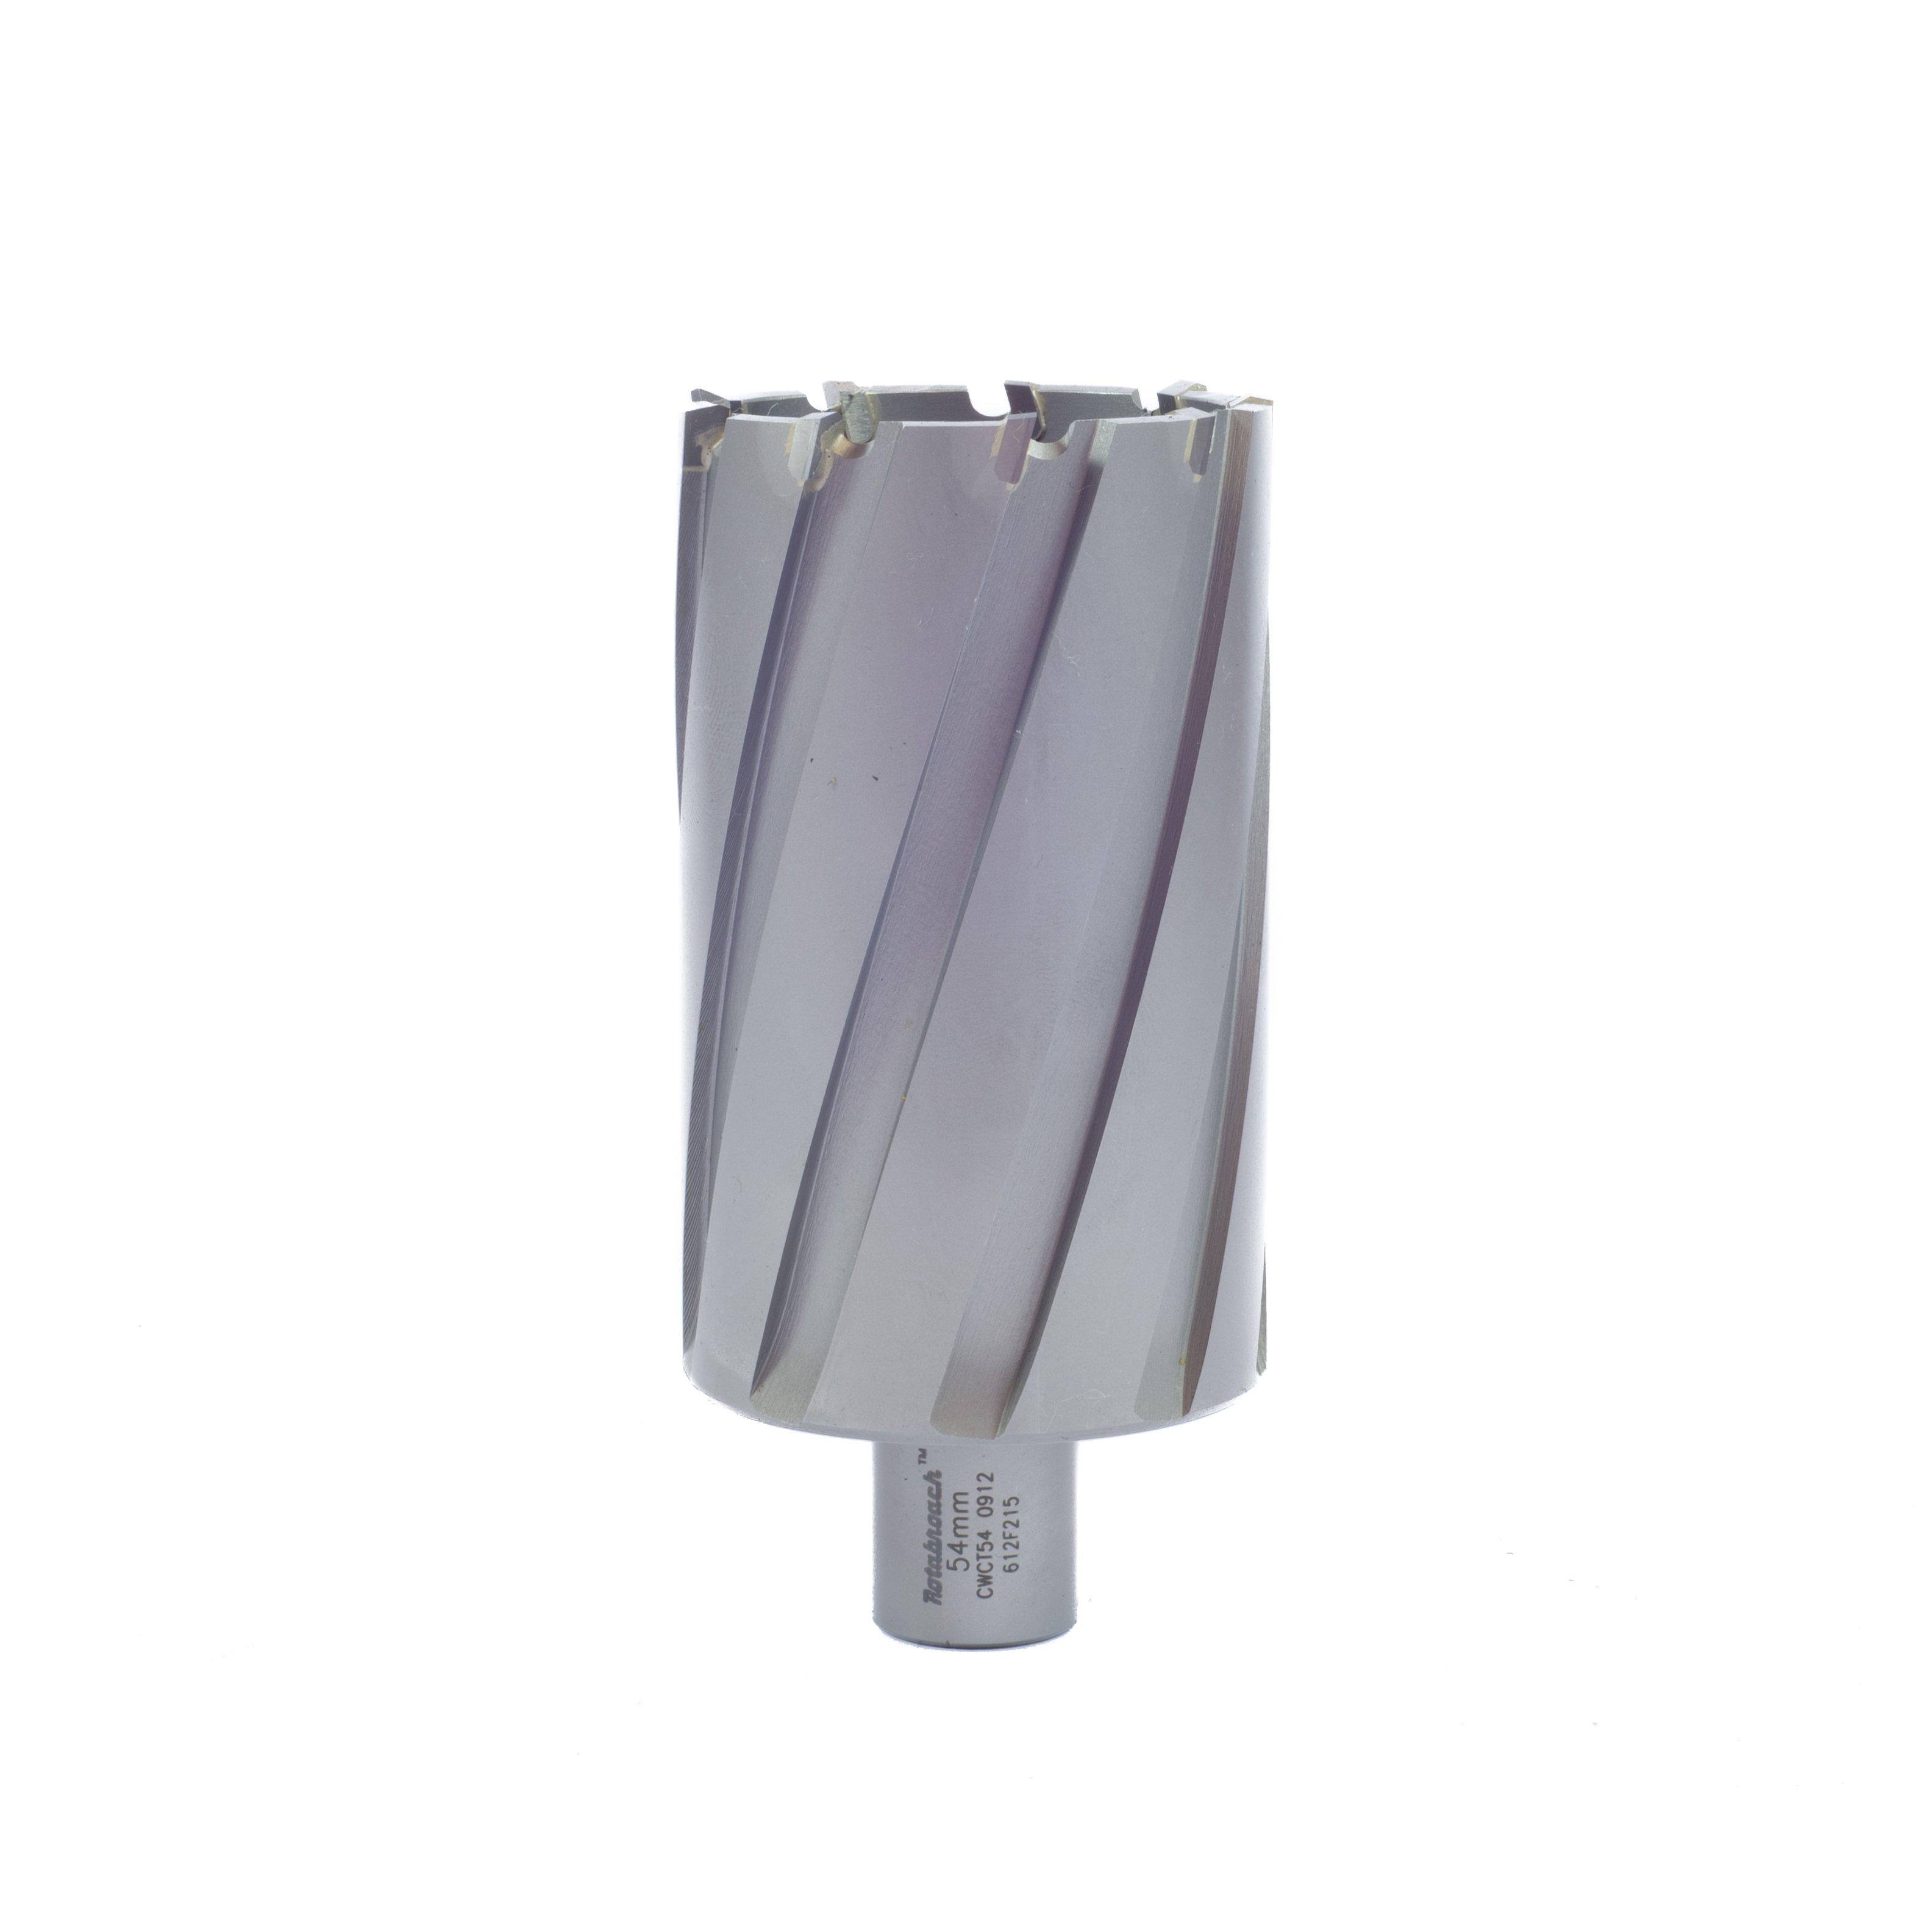 Image of   Rotabroach HM kernebor 18 x 80mm Weldon skaft 19mm / 3/4